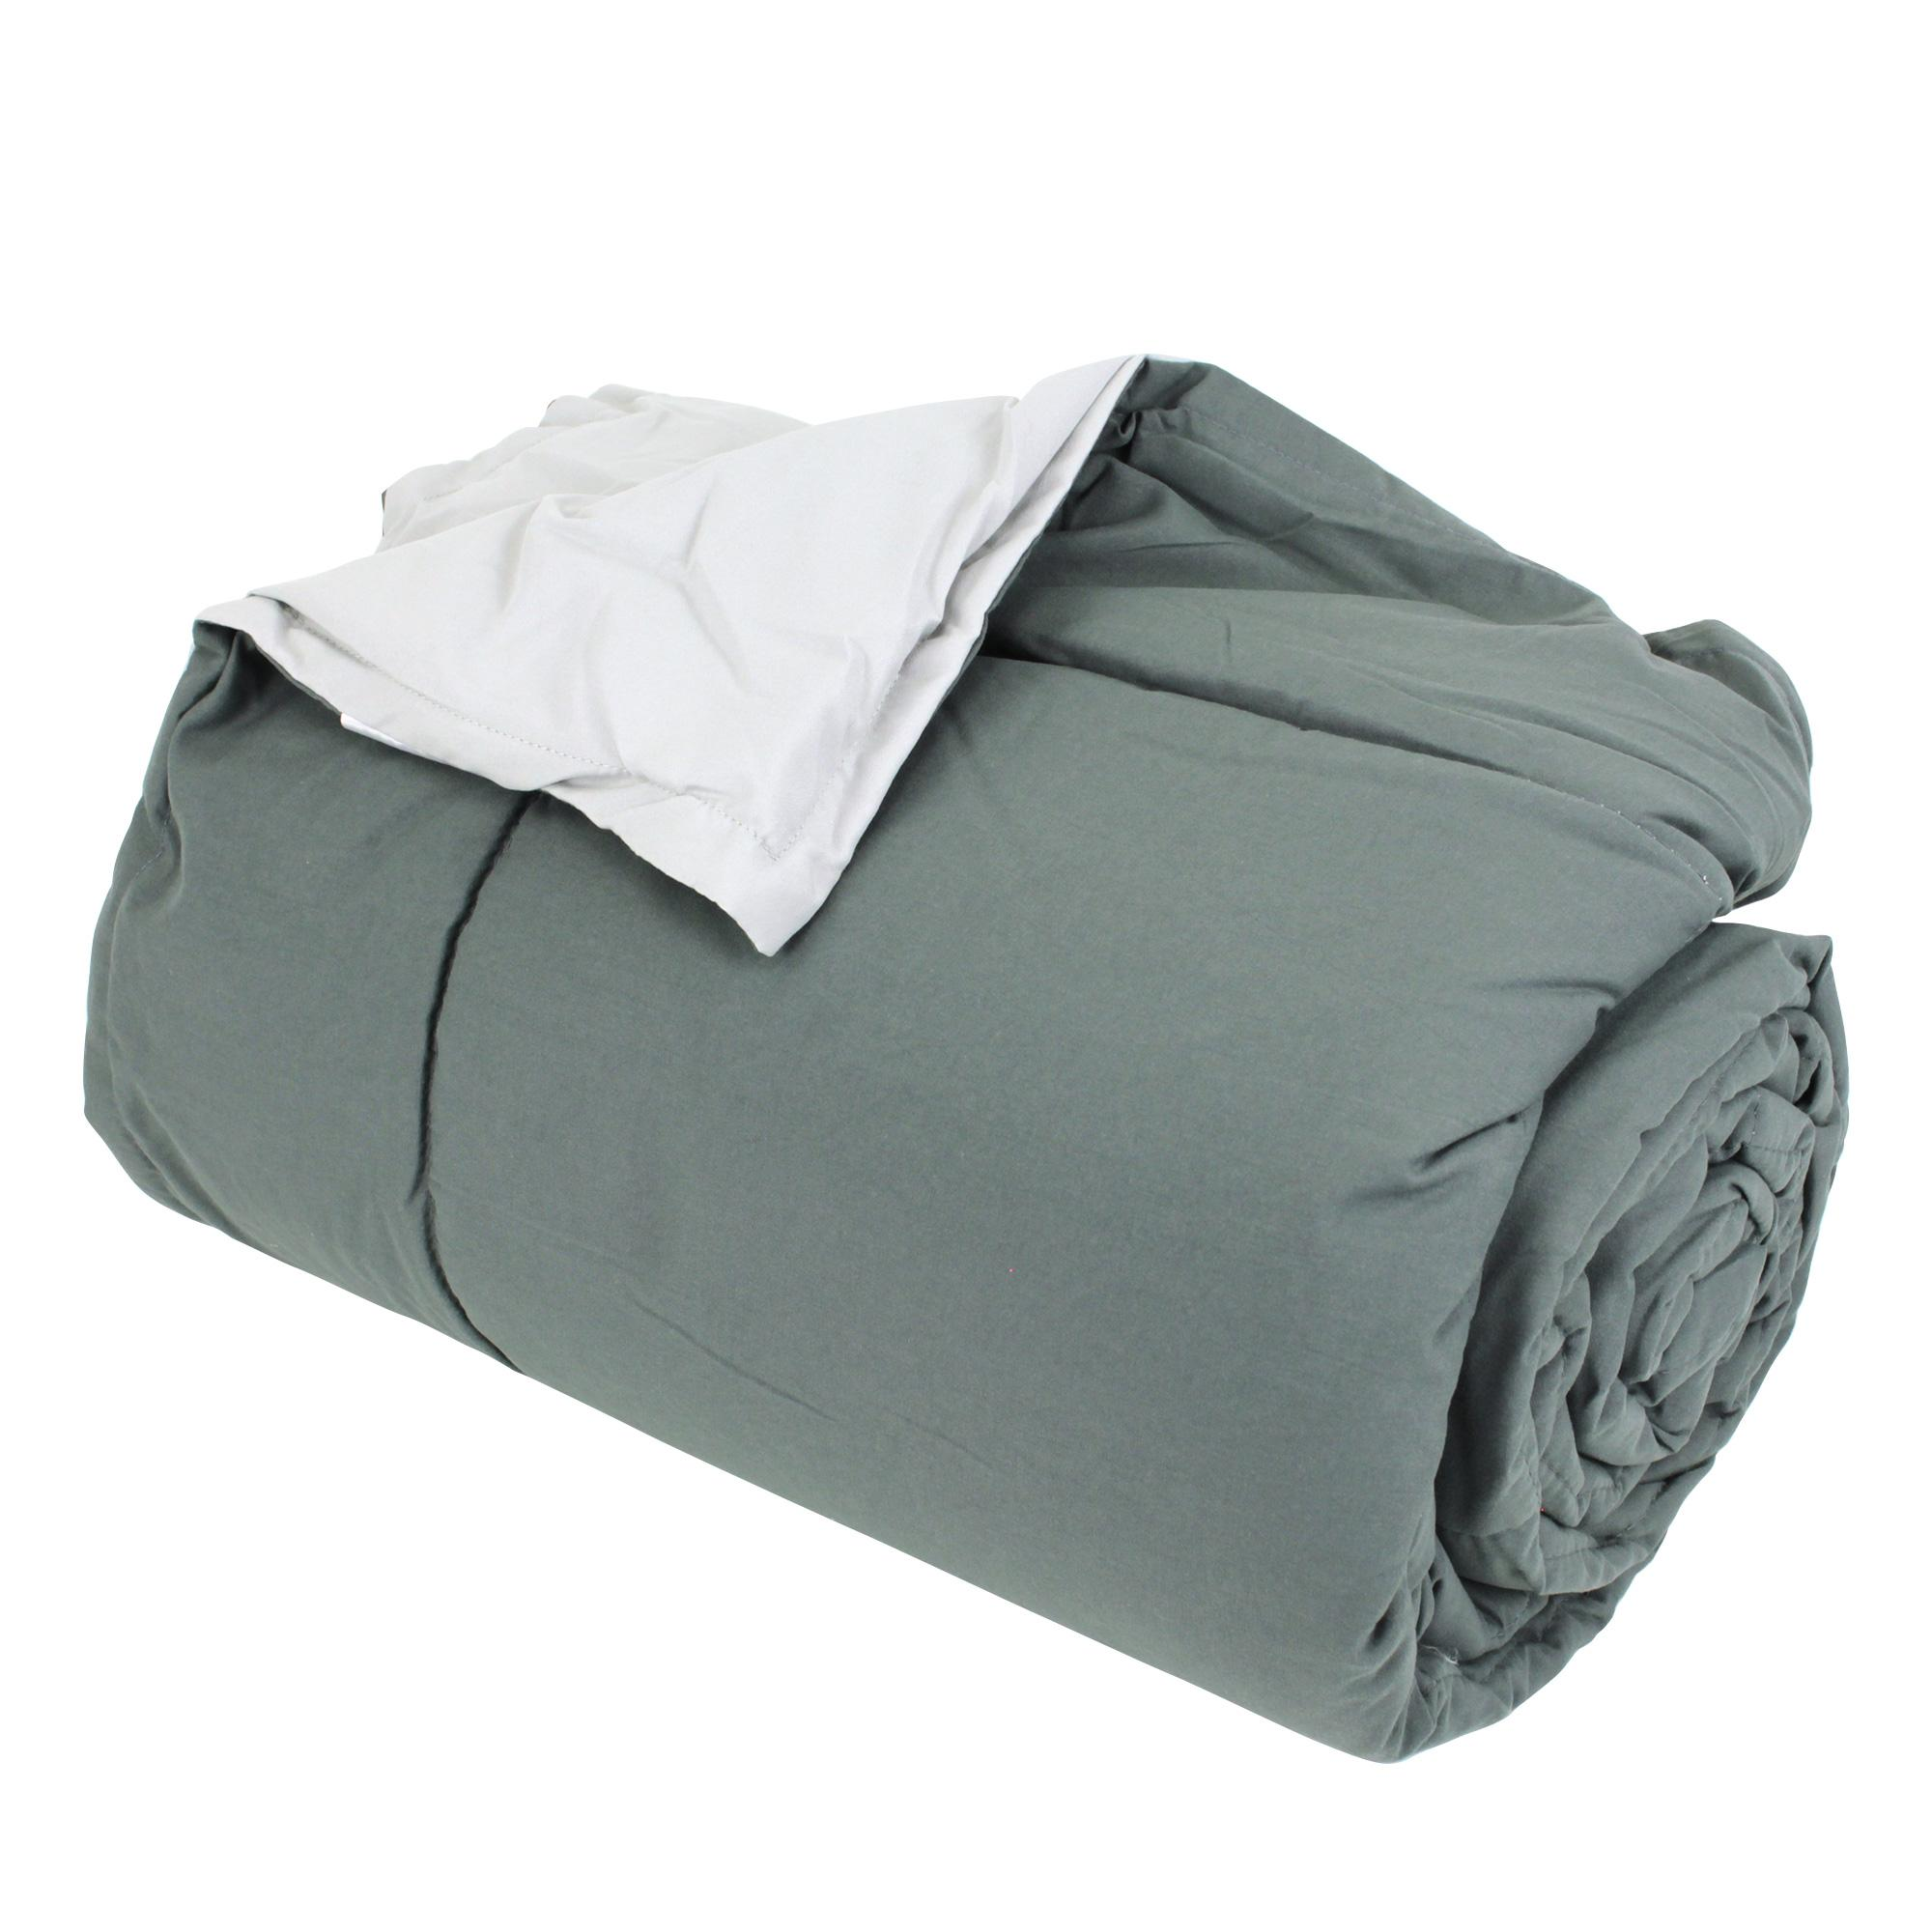 dessus de lit bicolore frisbee 240x260 cm acier perle linnea vente de linge de maison. Black Bedroom Furniture Sets. Home Design Ideas